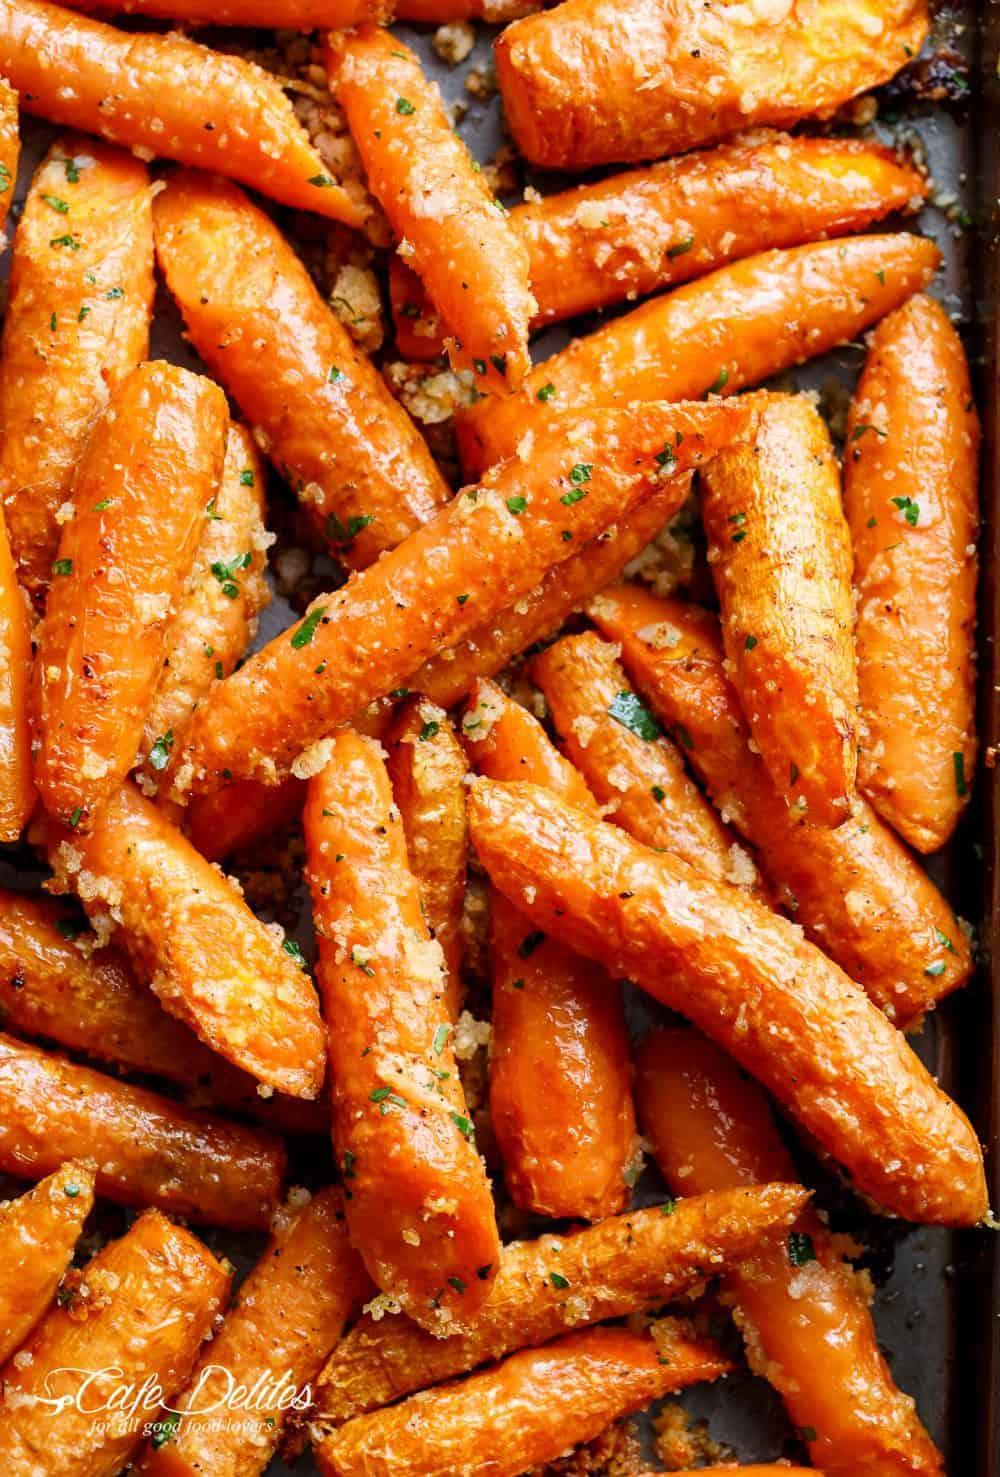 Garlic Parmesan Roasted Carrots | cafedelites.com